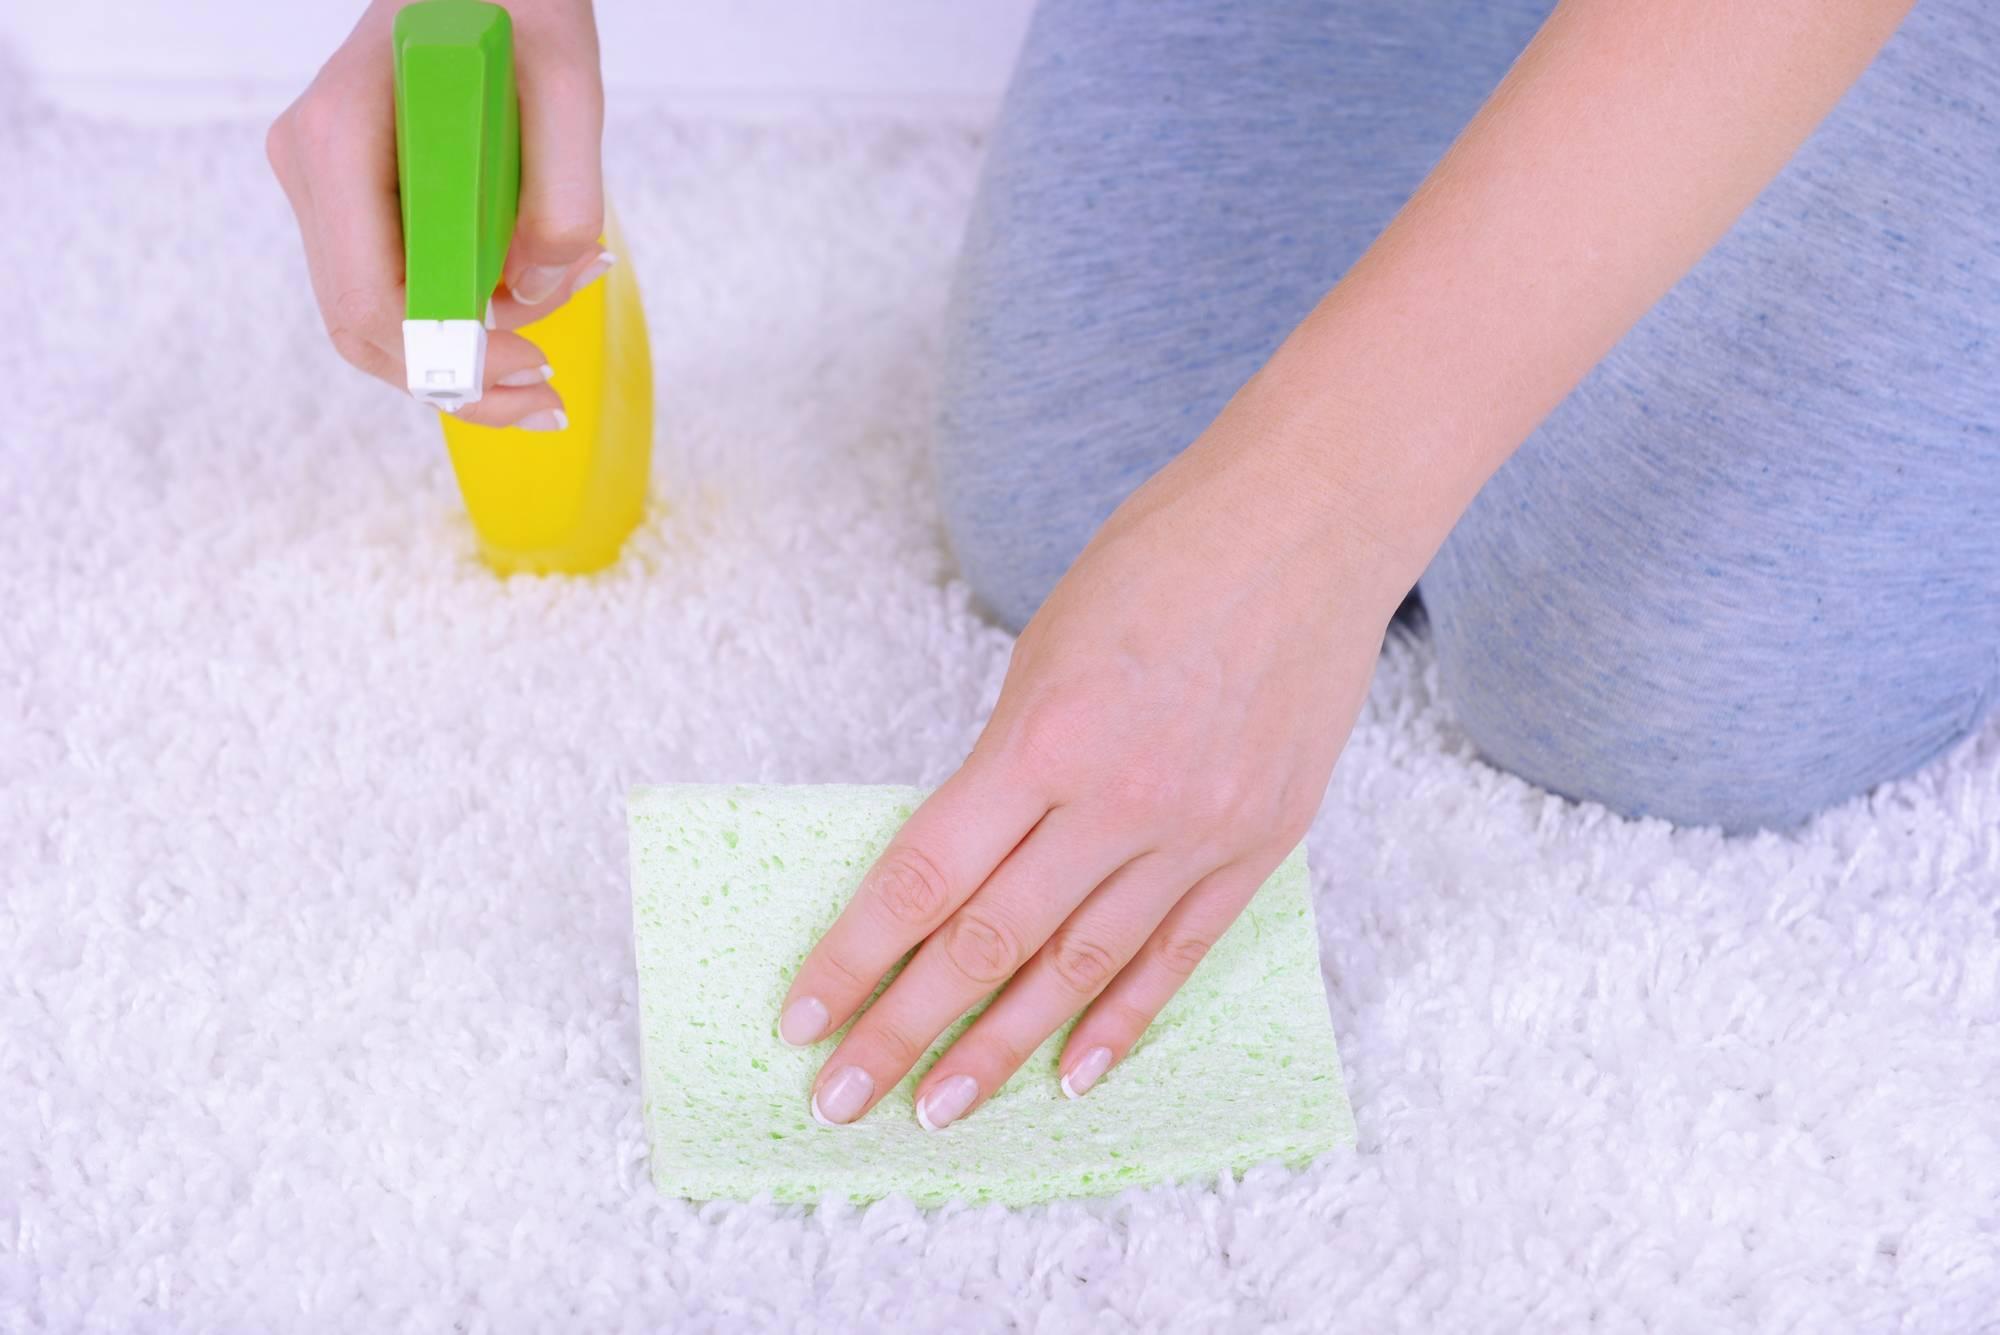 Как убрать запах мочи с ковра: обзор эффективных средств и методов